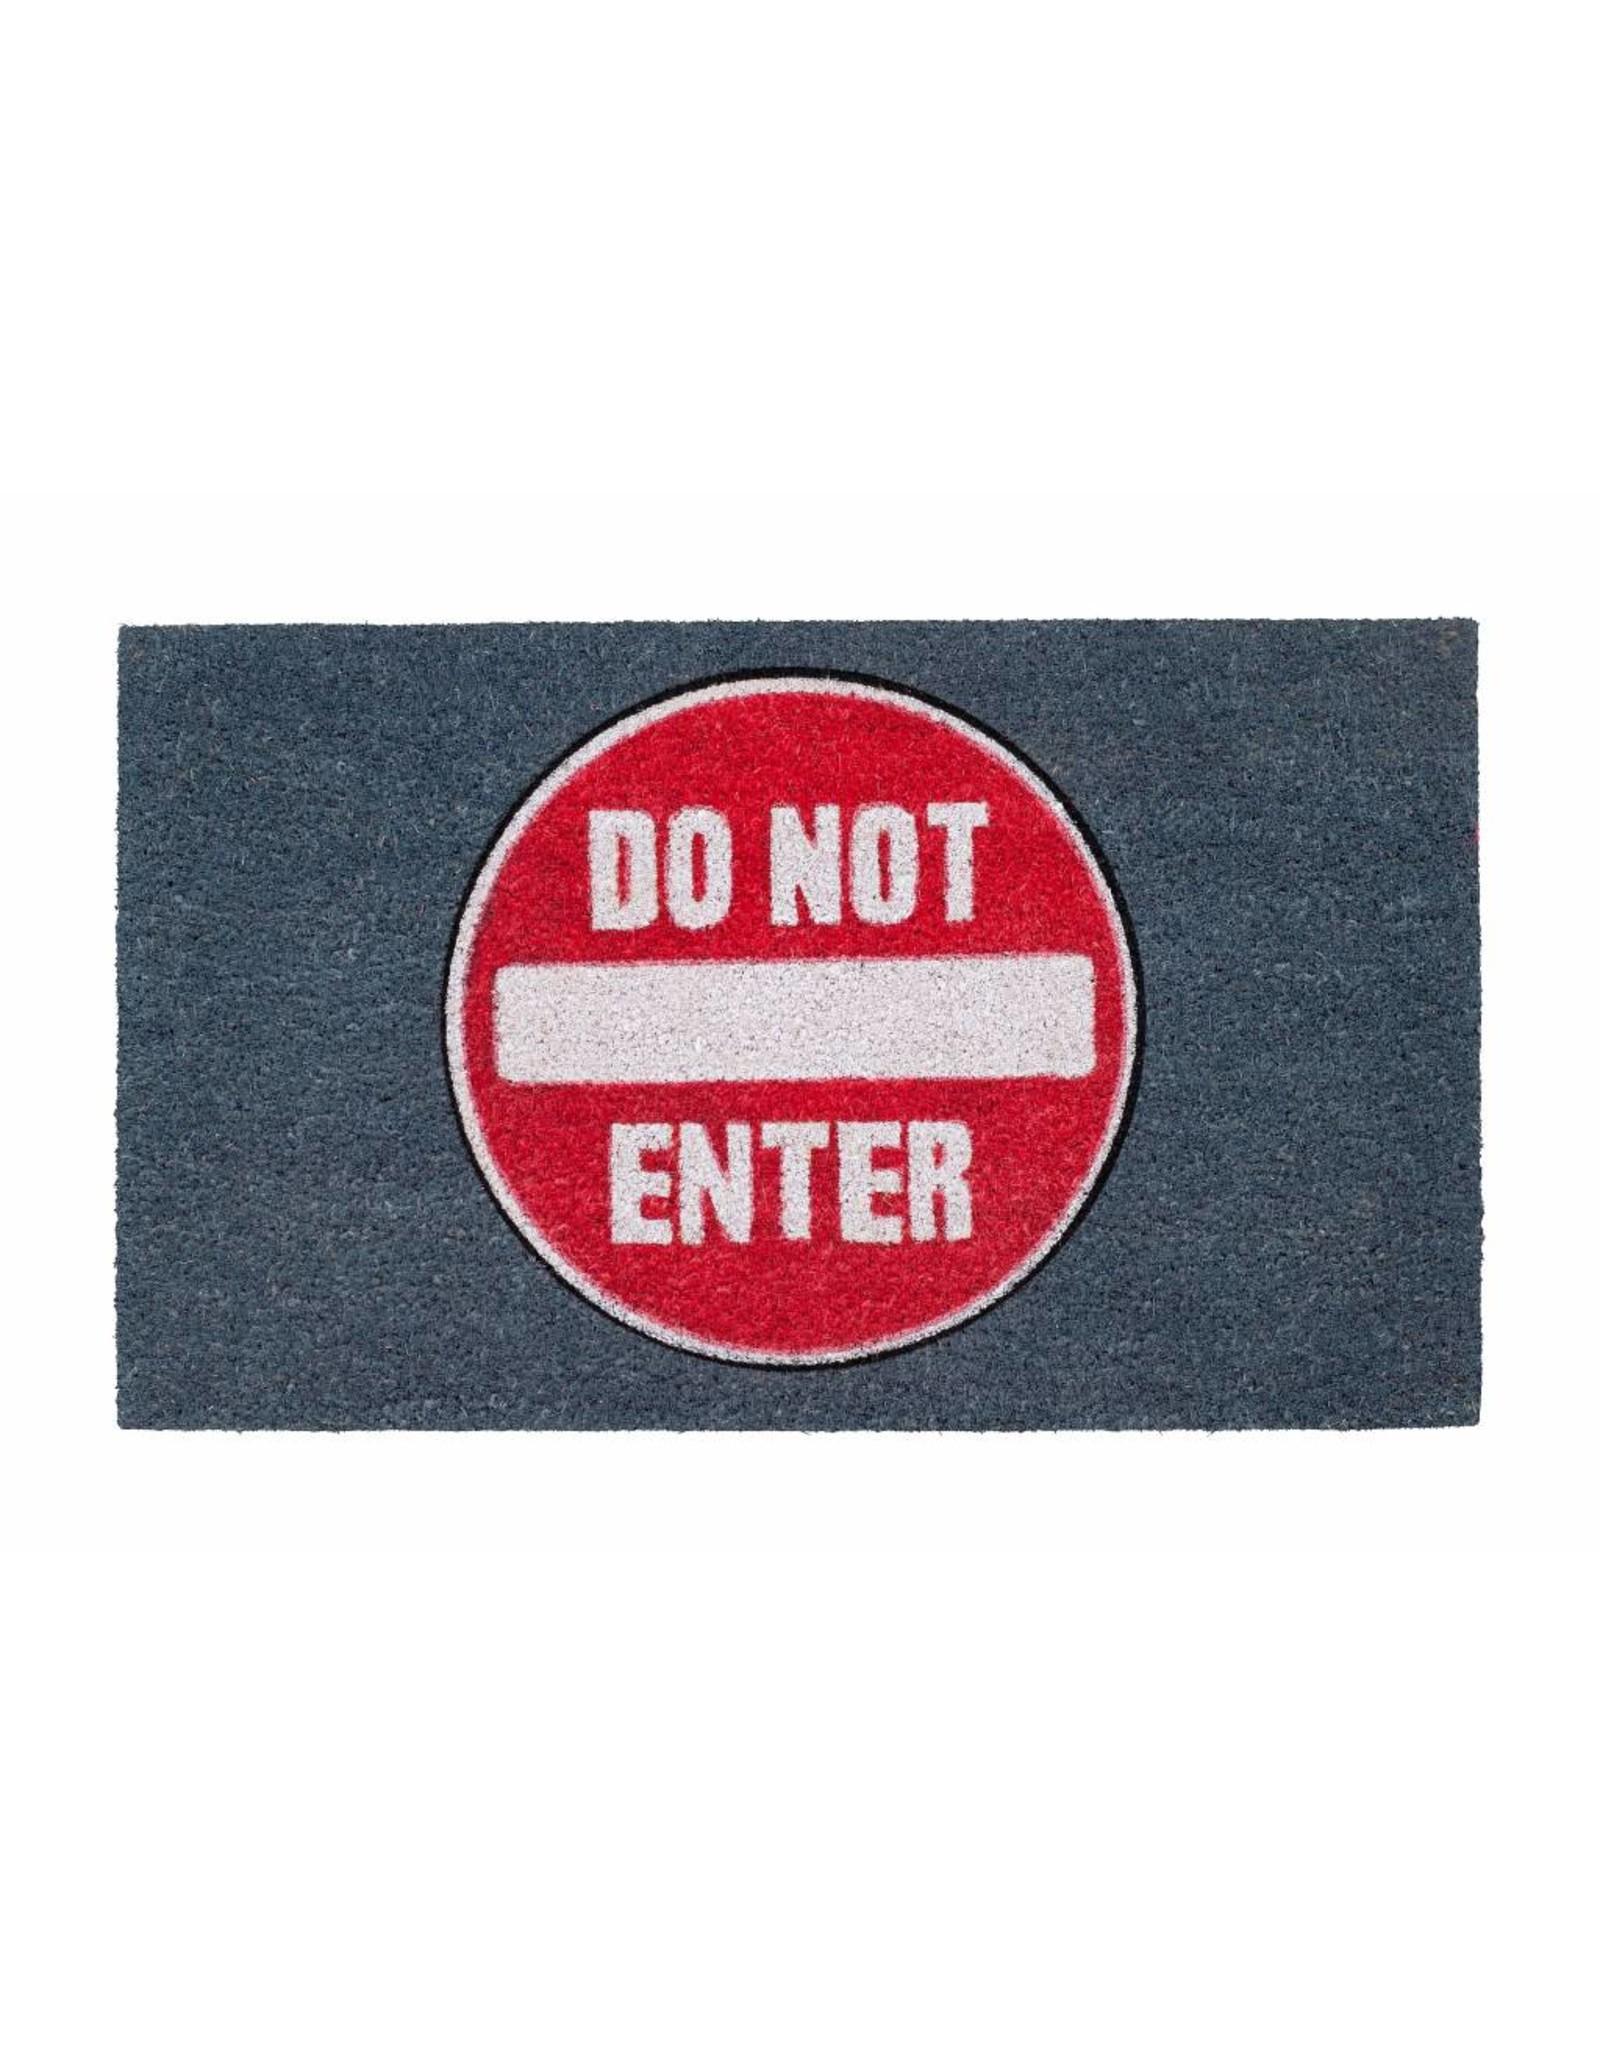 Xanadoo Kokos Fußmatten Do not enter